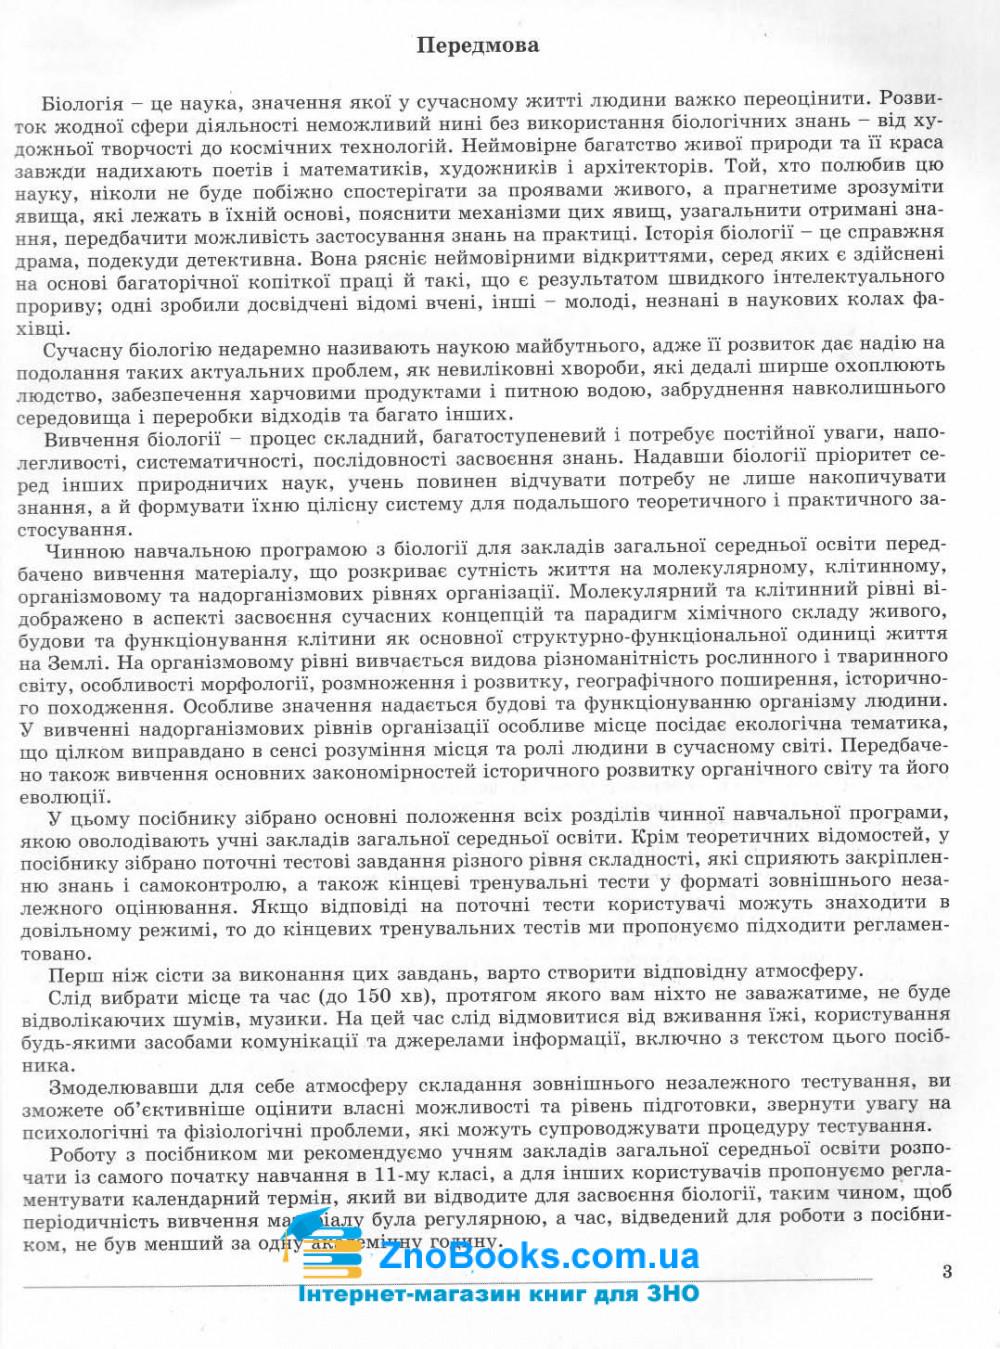 Біологія ЗНО 2021. Комплексна підготовка + онлайн тренування : Костильов О., Жгут О. Генеза. купити 3